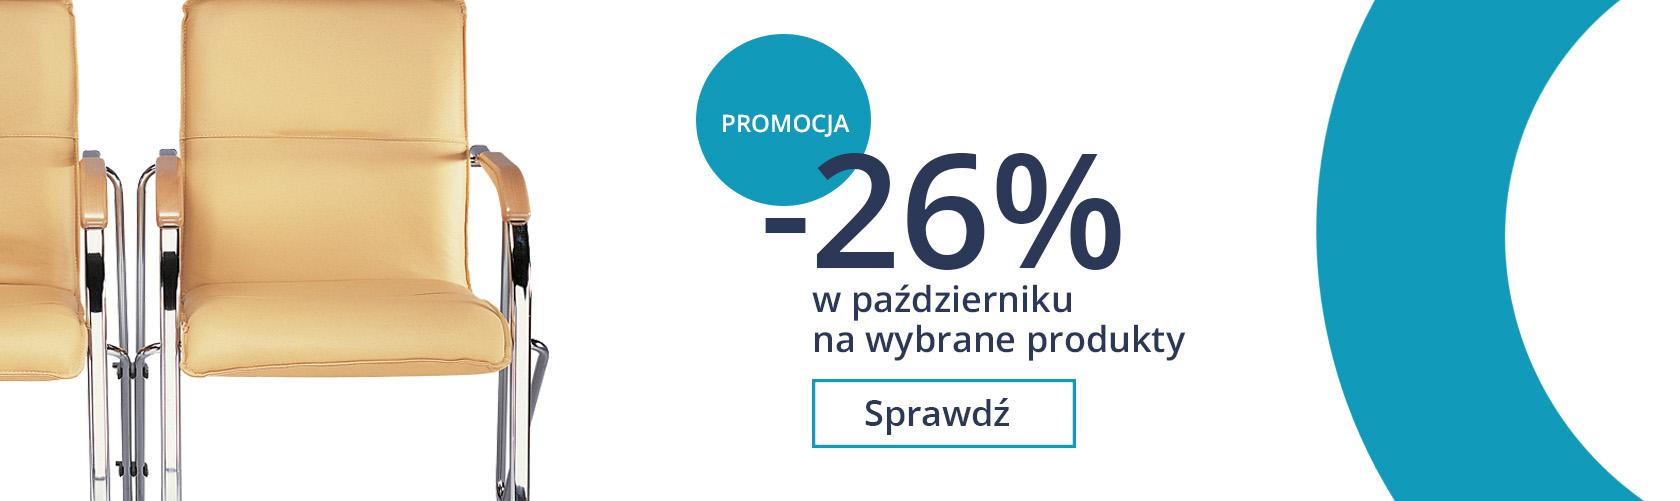 -26% pazdziernik